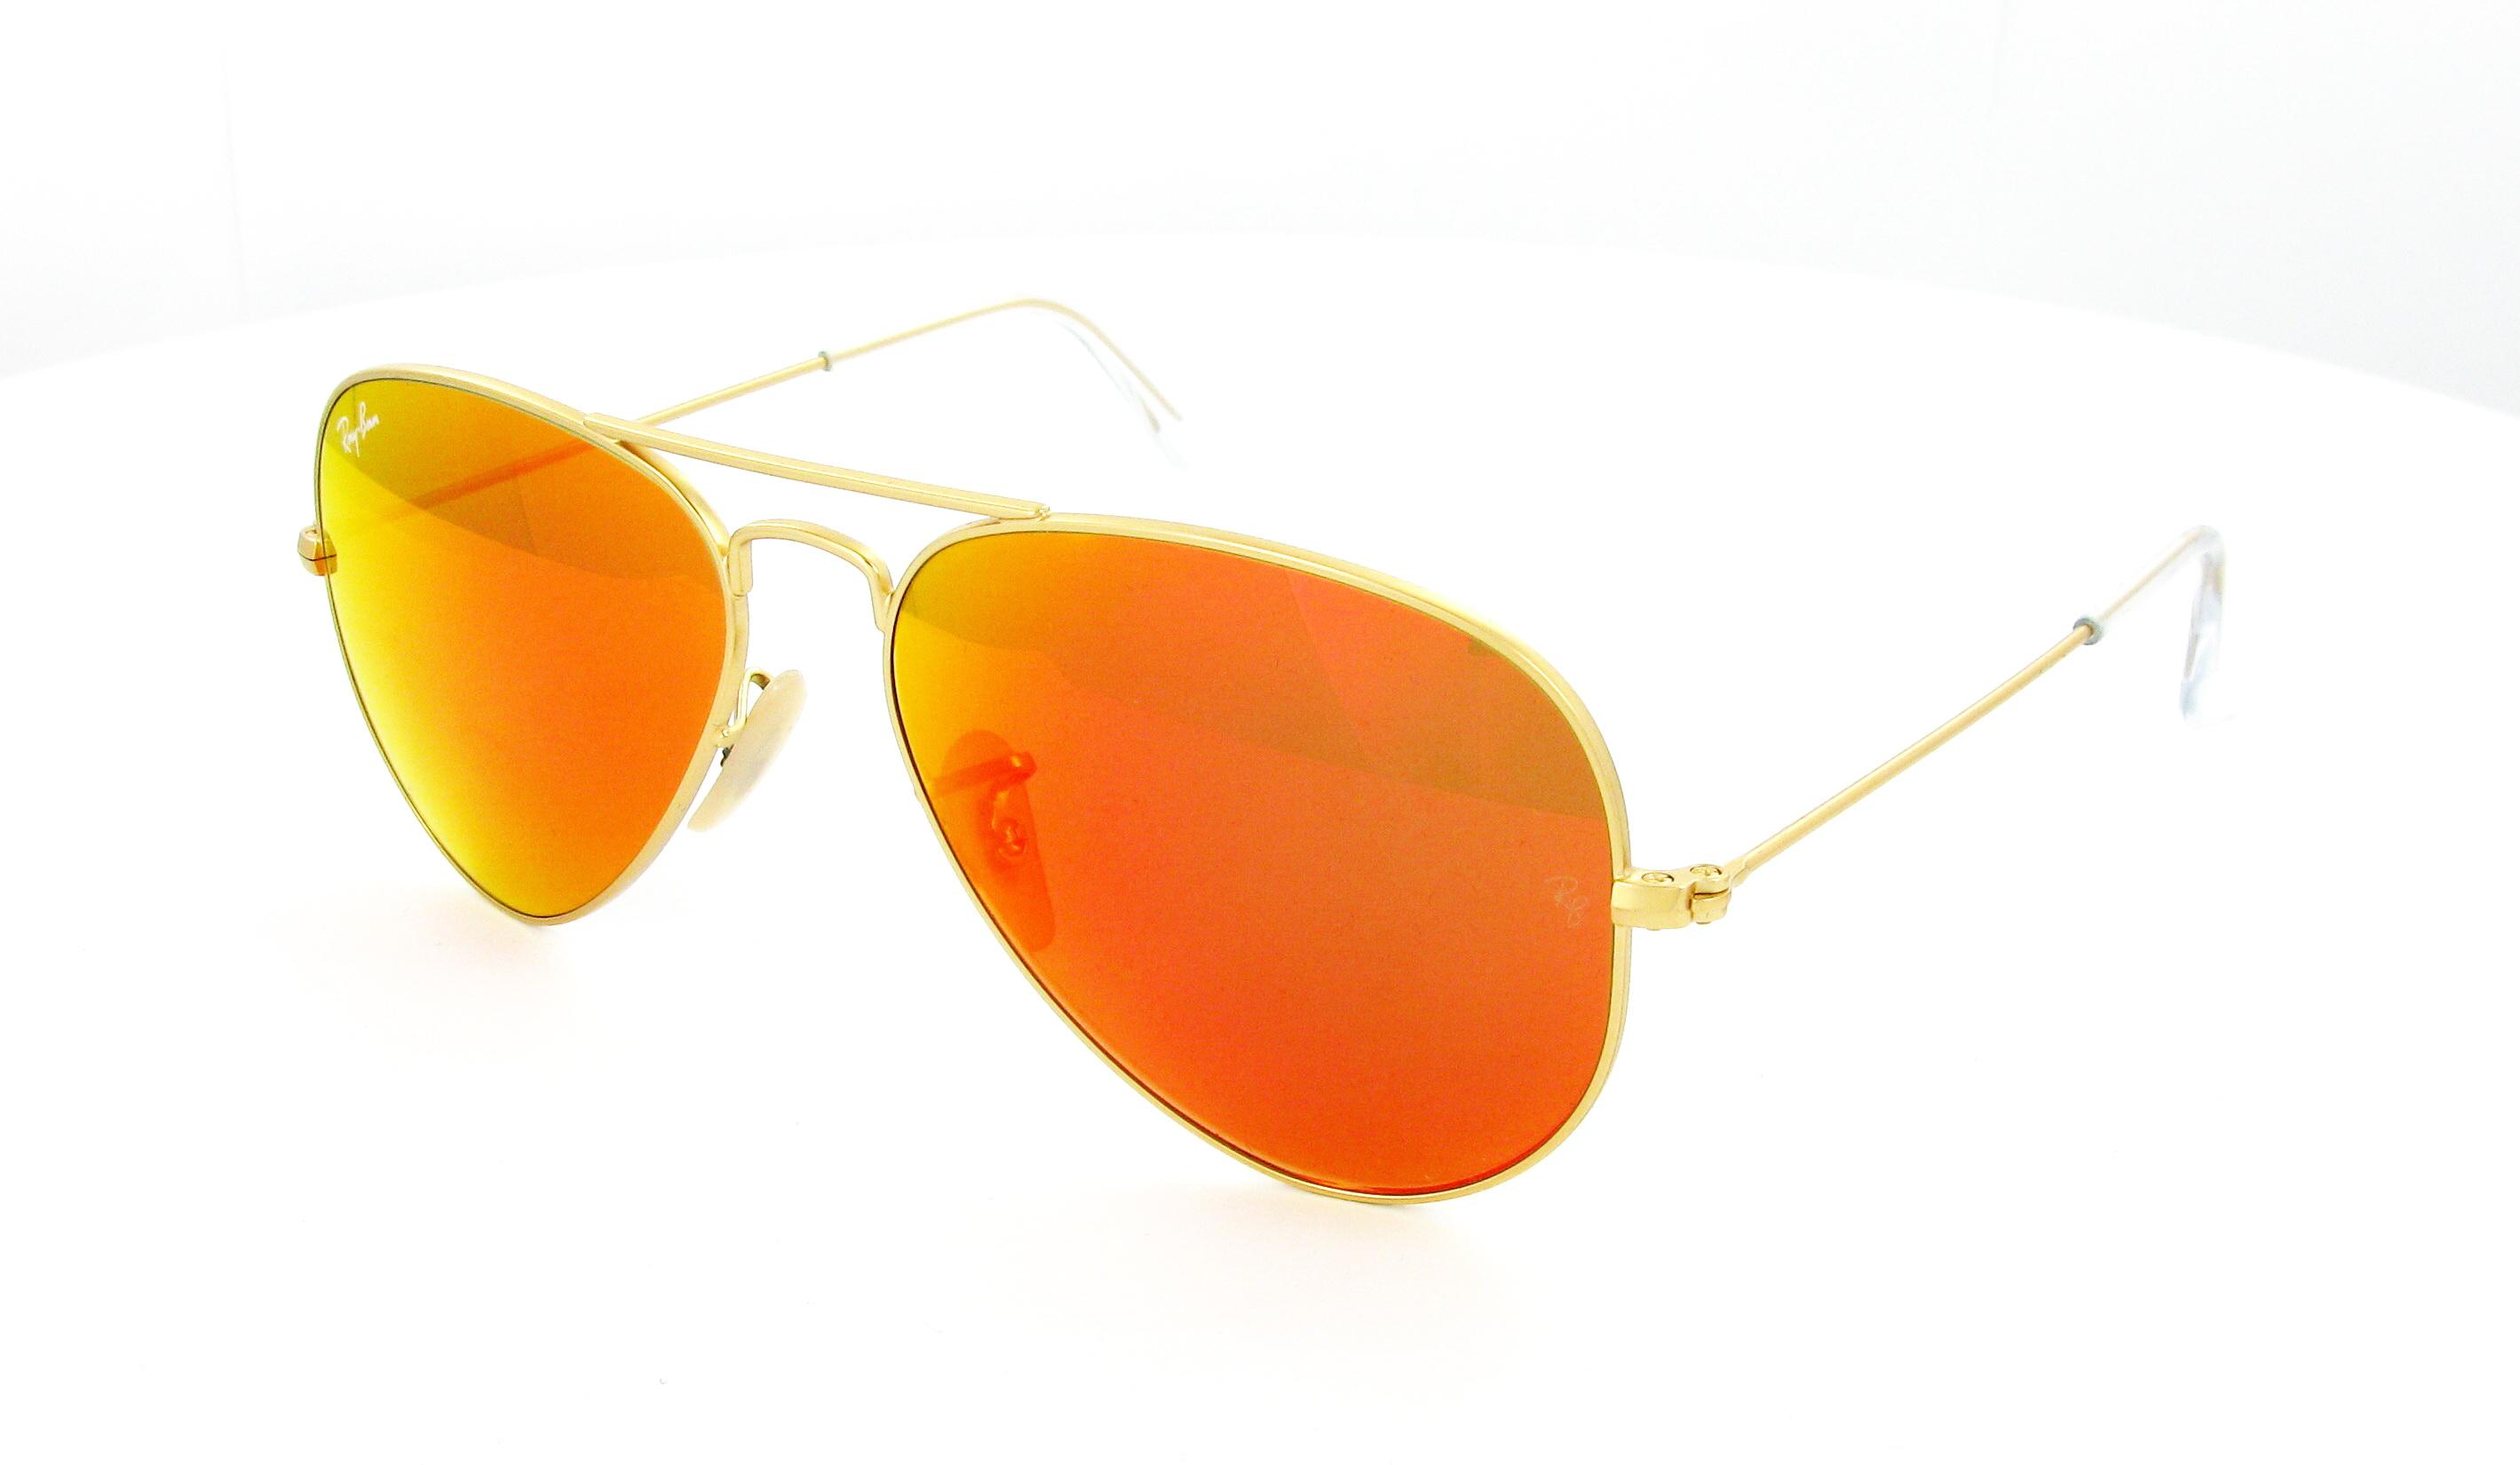 แว่นกันแดด Ray Ban Aviator RB3025 112/69 Crystal Orange Mirror Lens